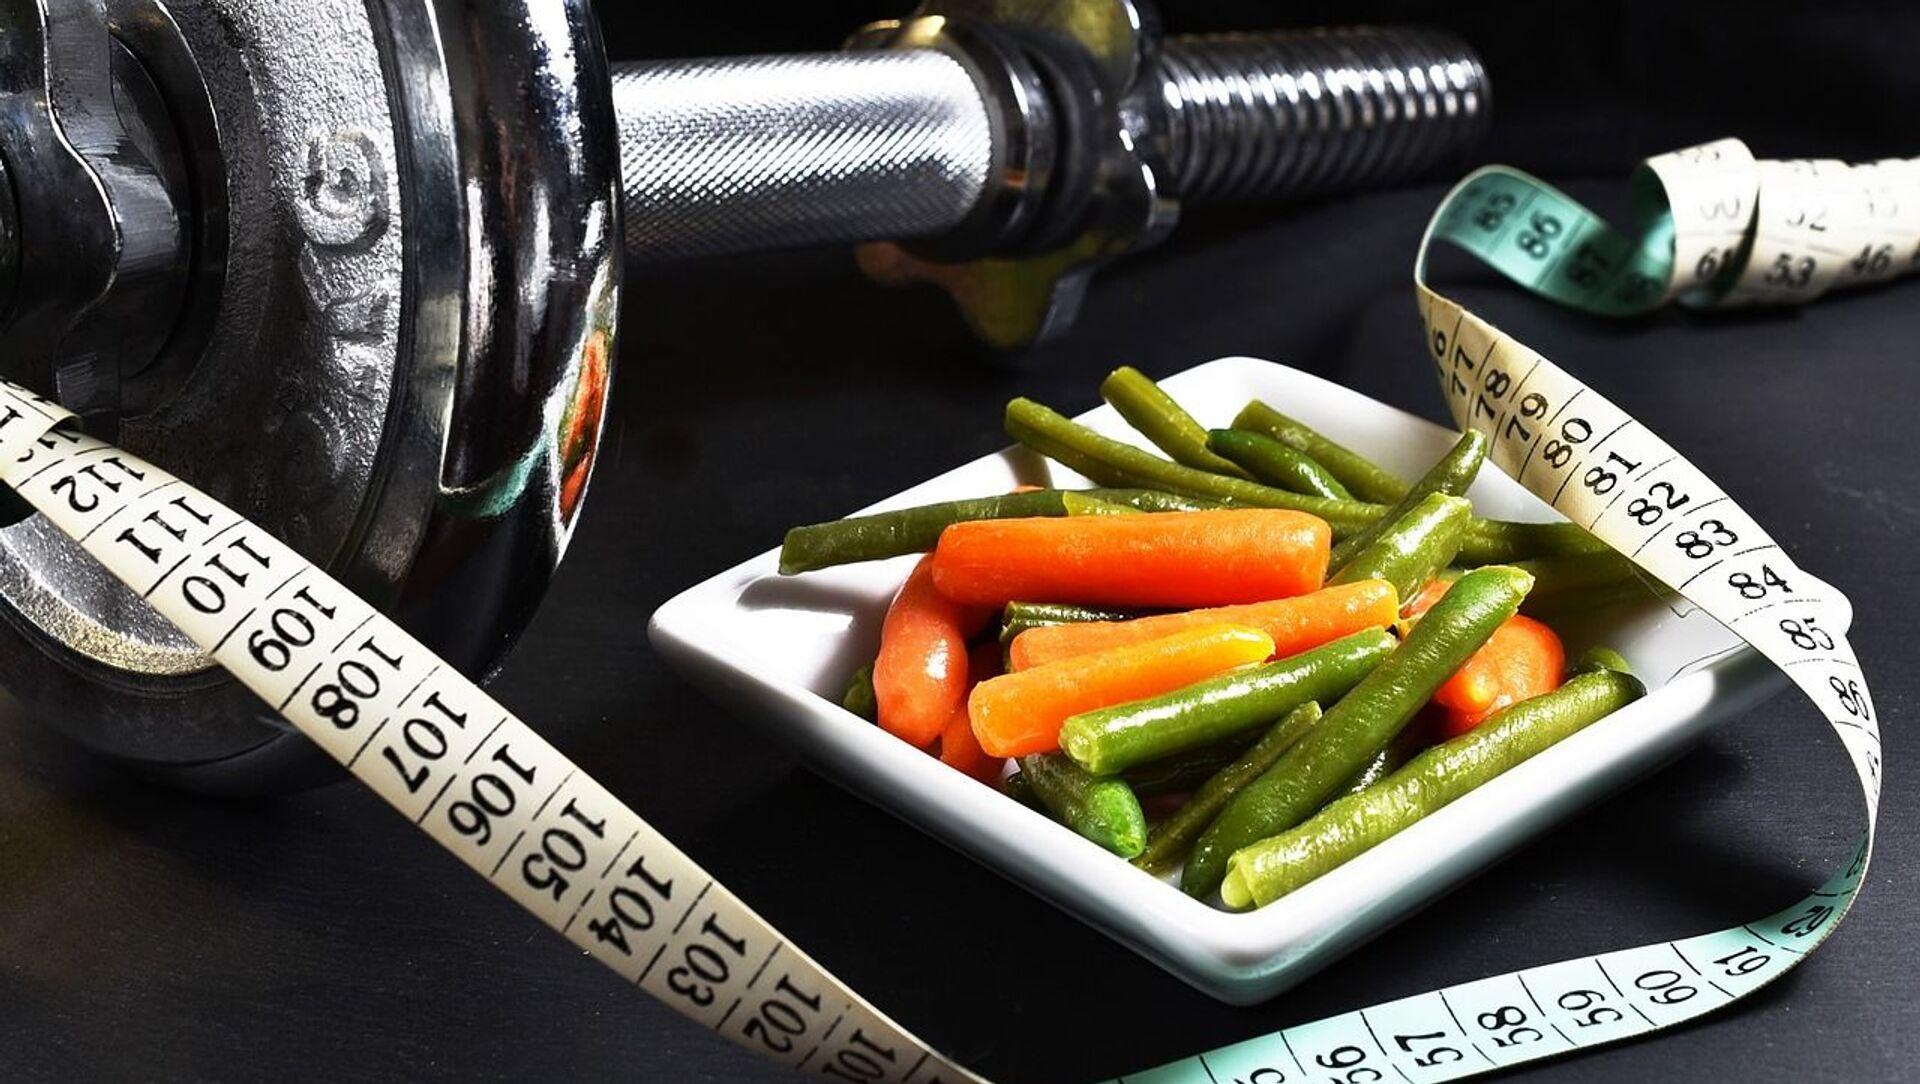 研究者が発表 肥満と糖尿に効果的なダイエット法 - Sputnik 日本, 1920, 31.05.2021